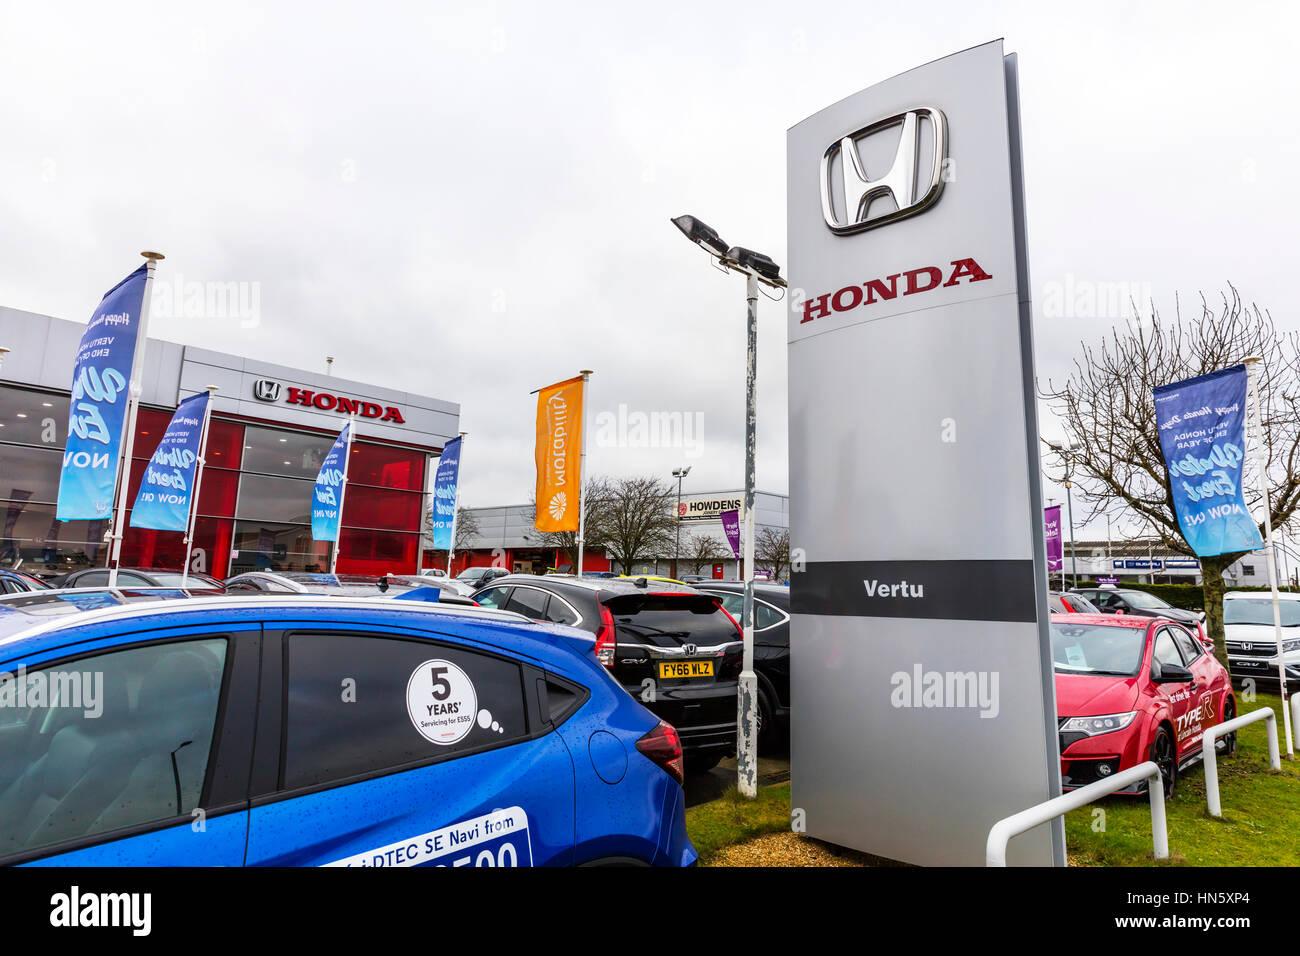 Kelebihan Kekurangan Dealer Honda Perbandingan Harga